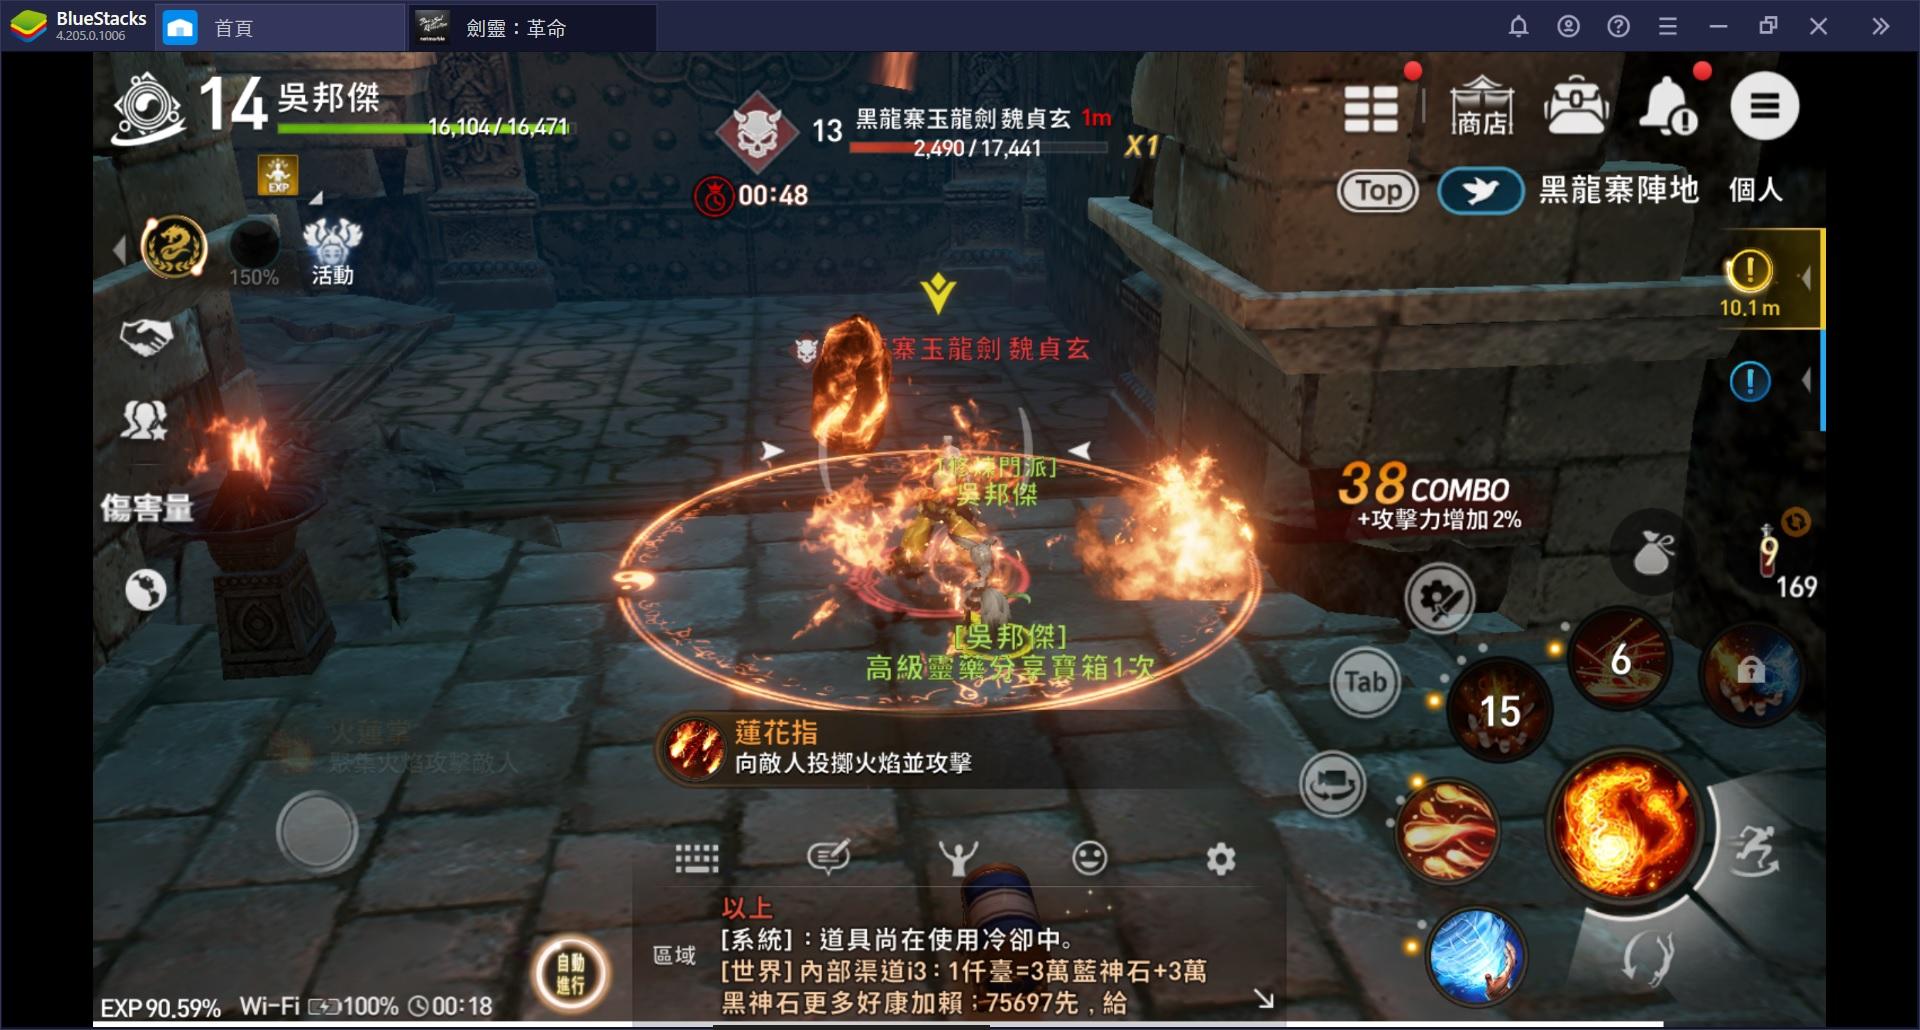 使用BlueStacks在PC上遊玩東方仙俠風格MMORPG鉅作《劍靈:革命》